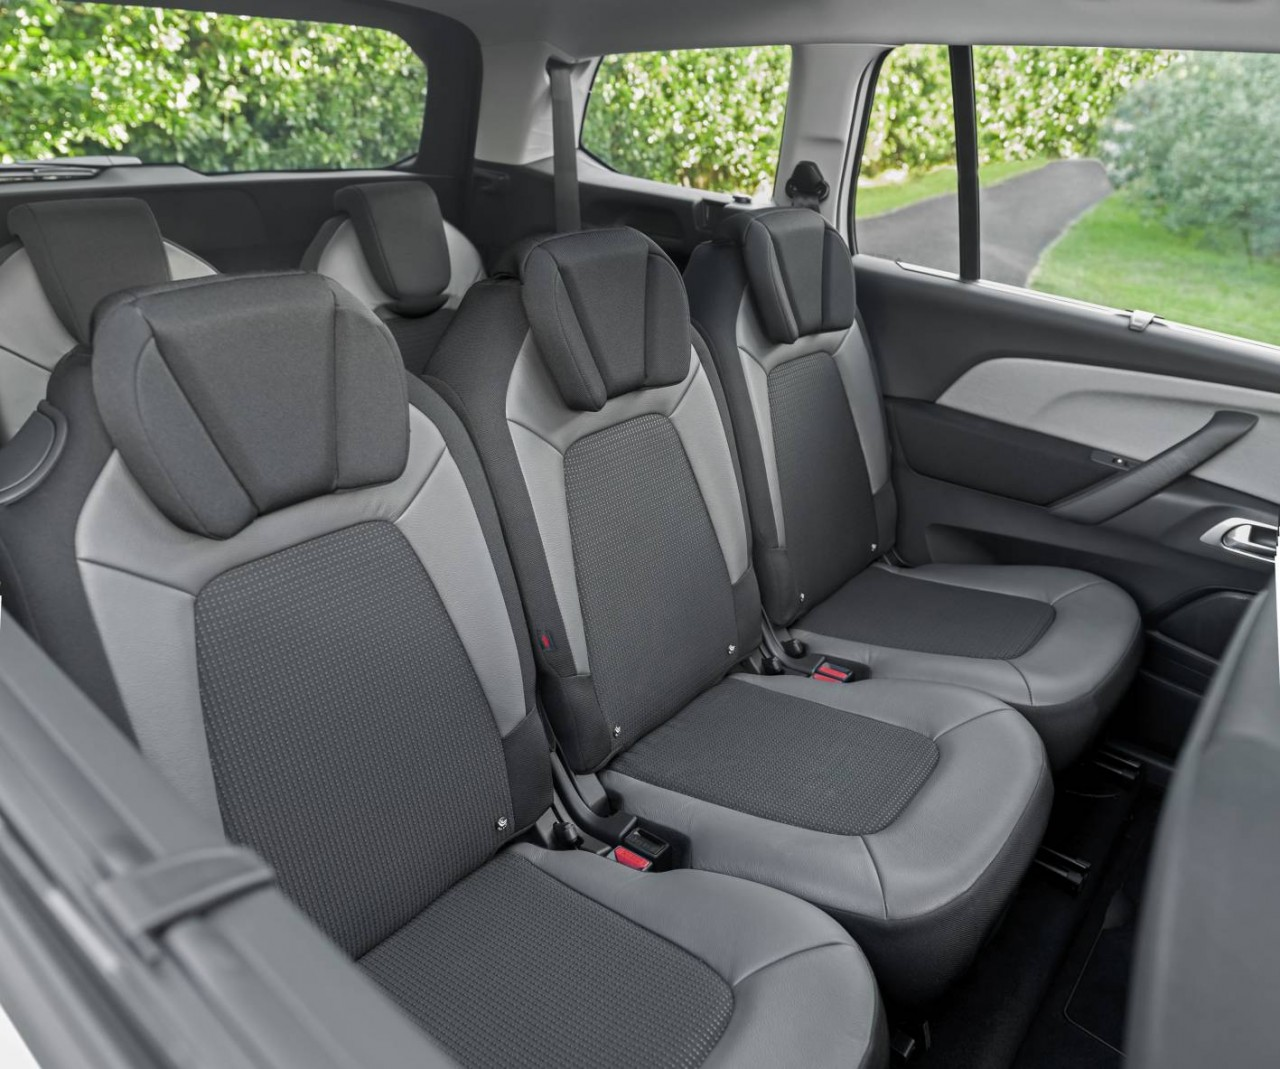 Citroen Grand C4 Picasso Gains Third Row Air Con At No